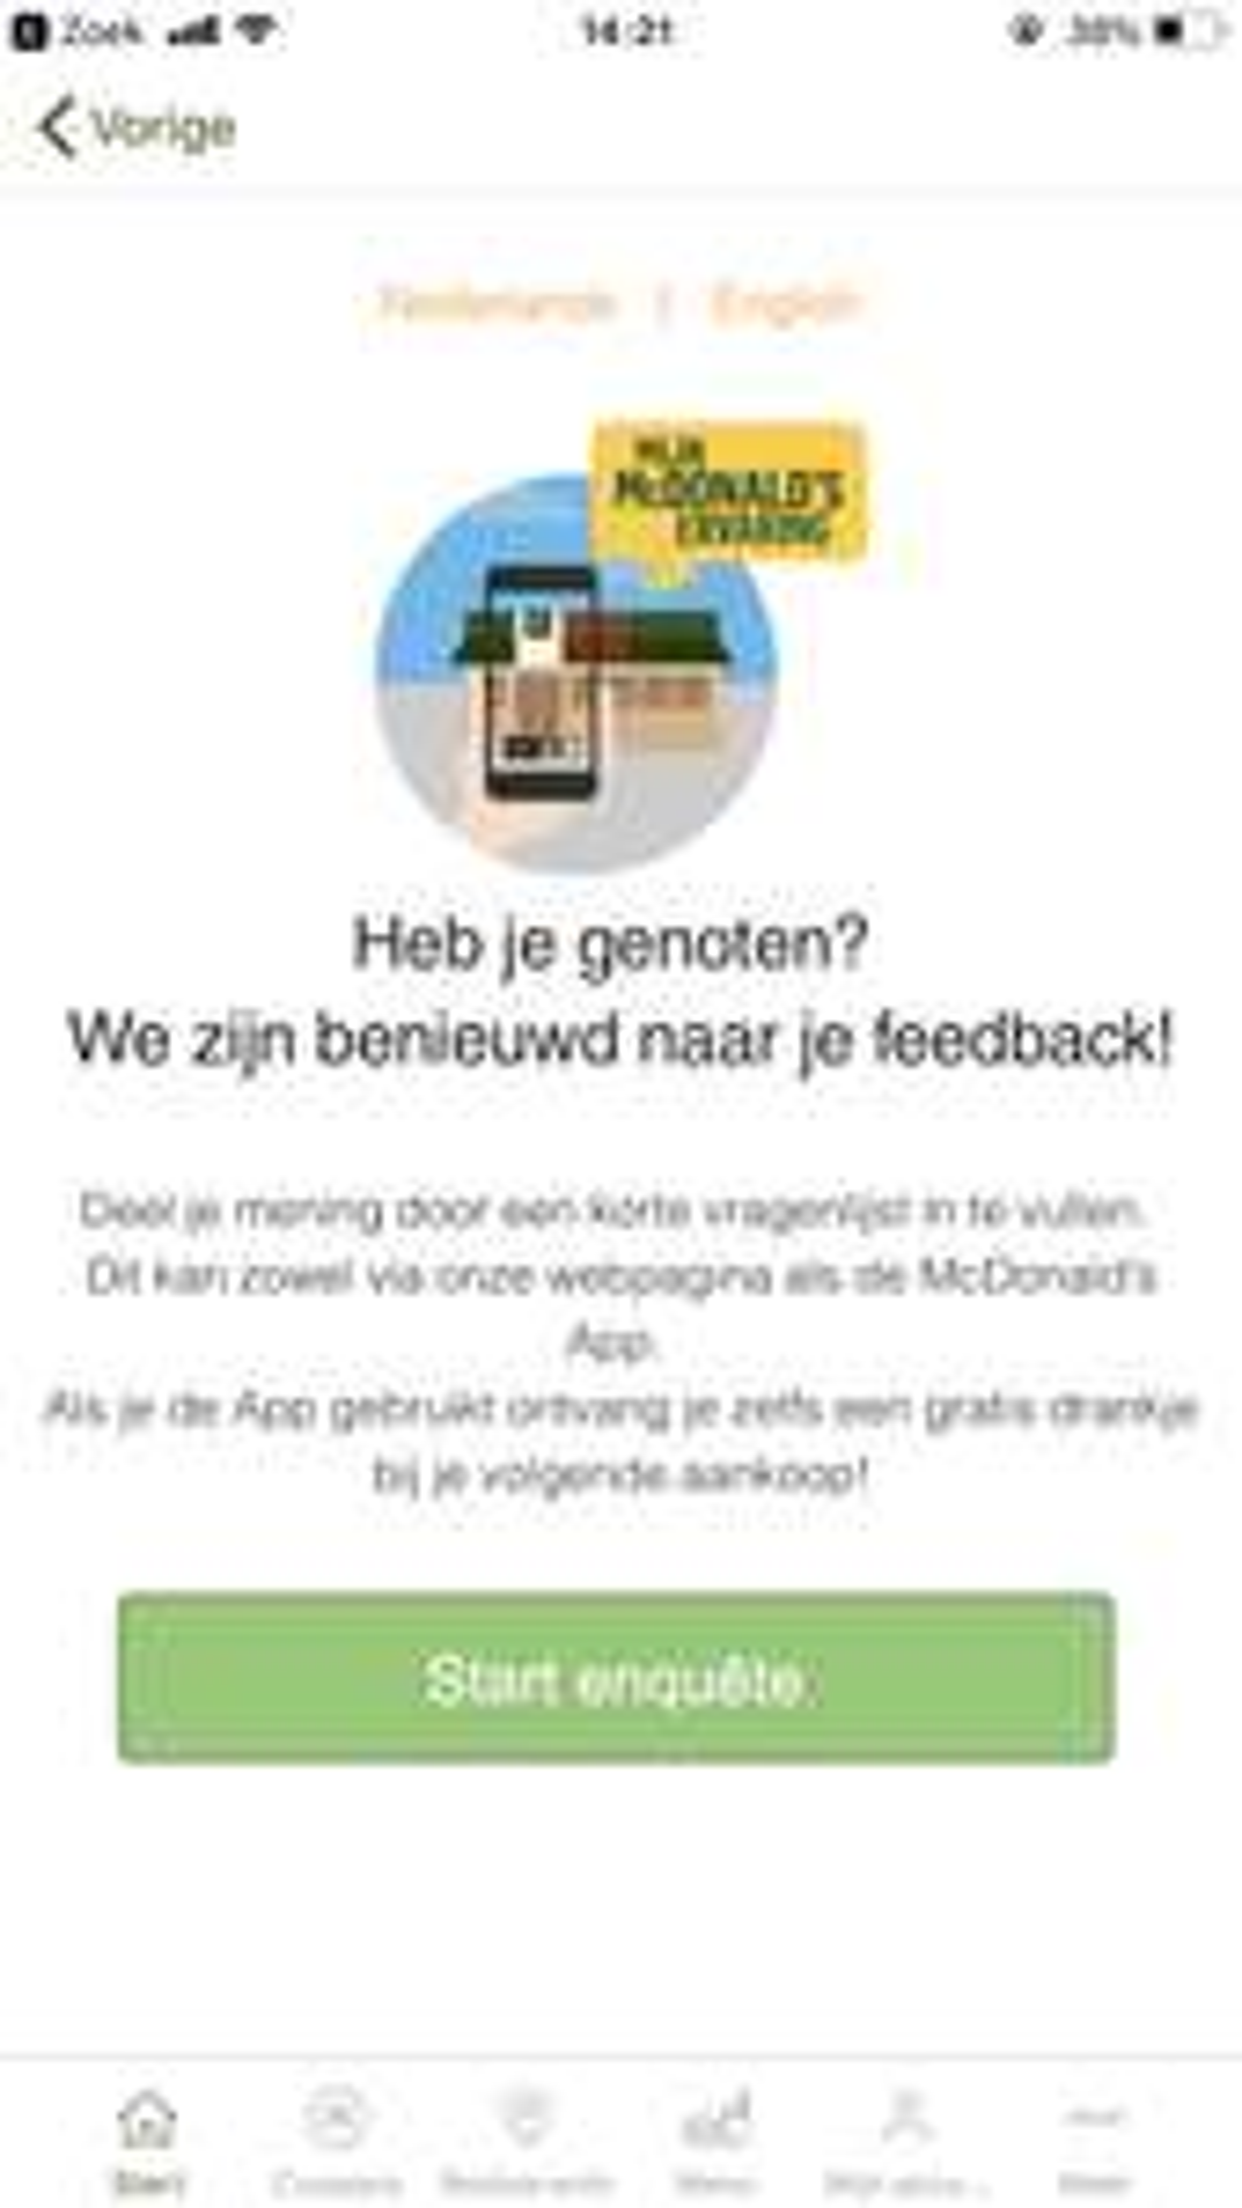 Altijd gratis drinken bij McDonald's